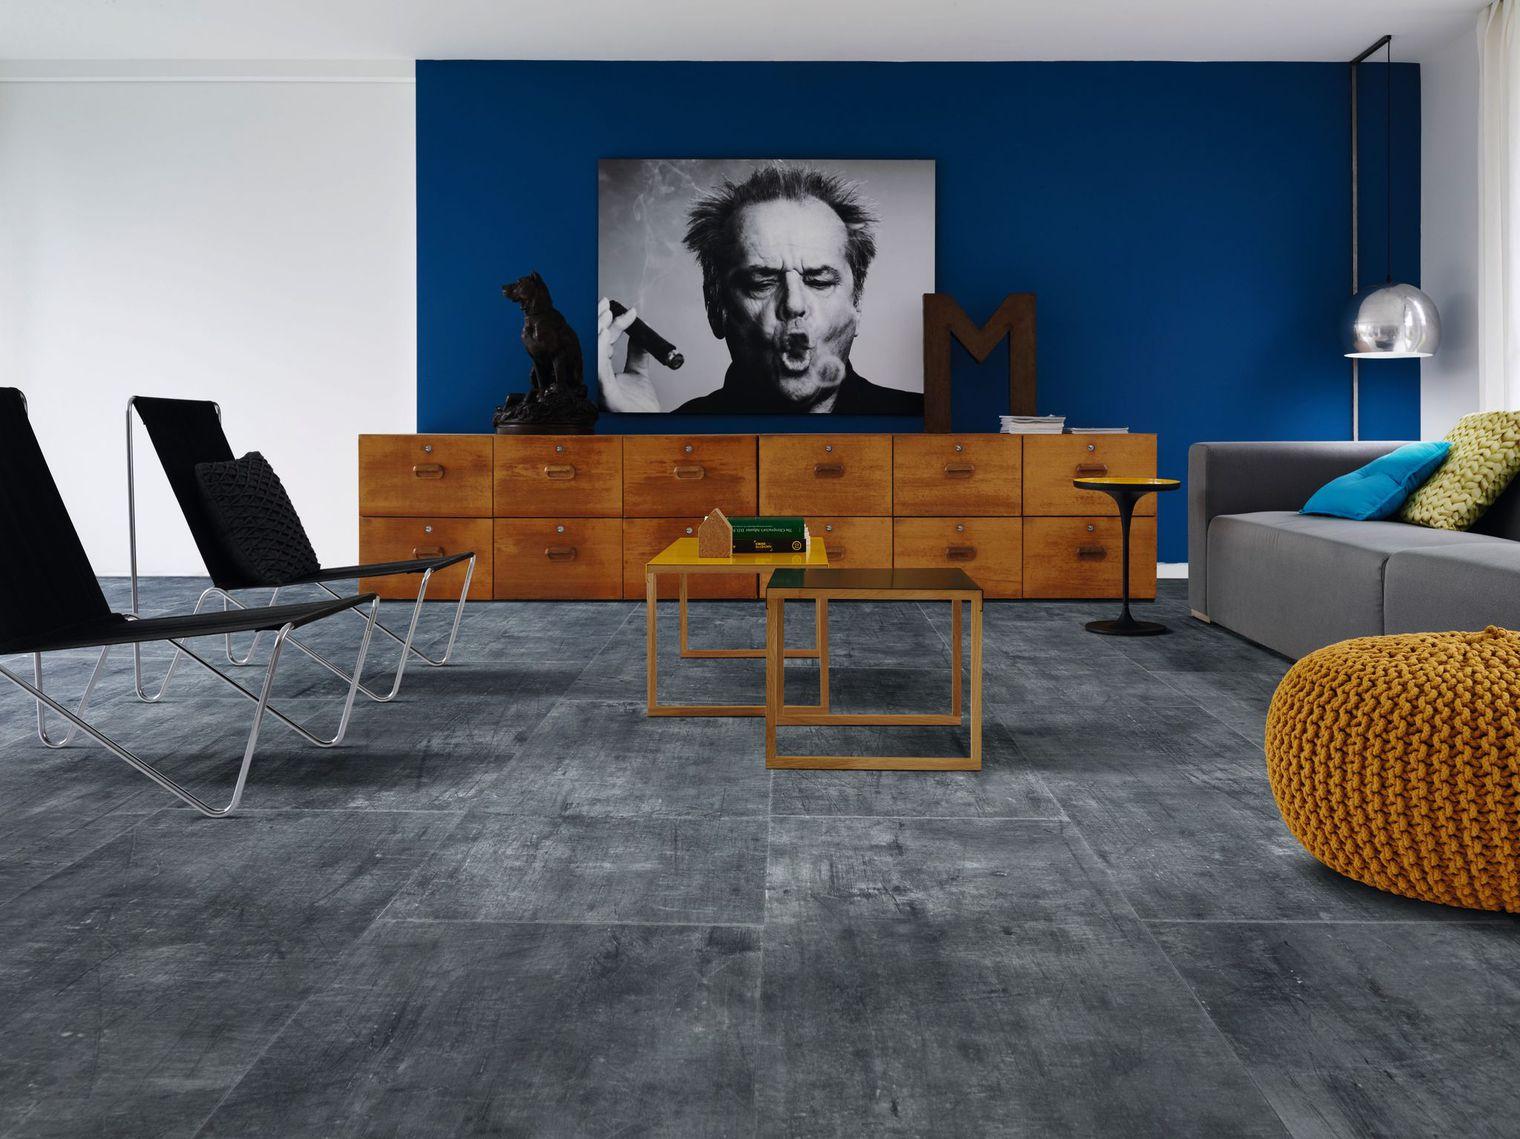 Choisir le bon mur à peindre et/ou à décorer dans la pièce